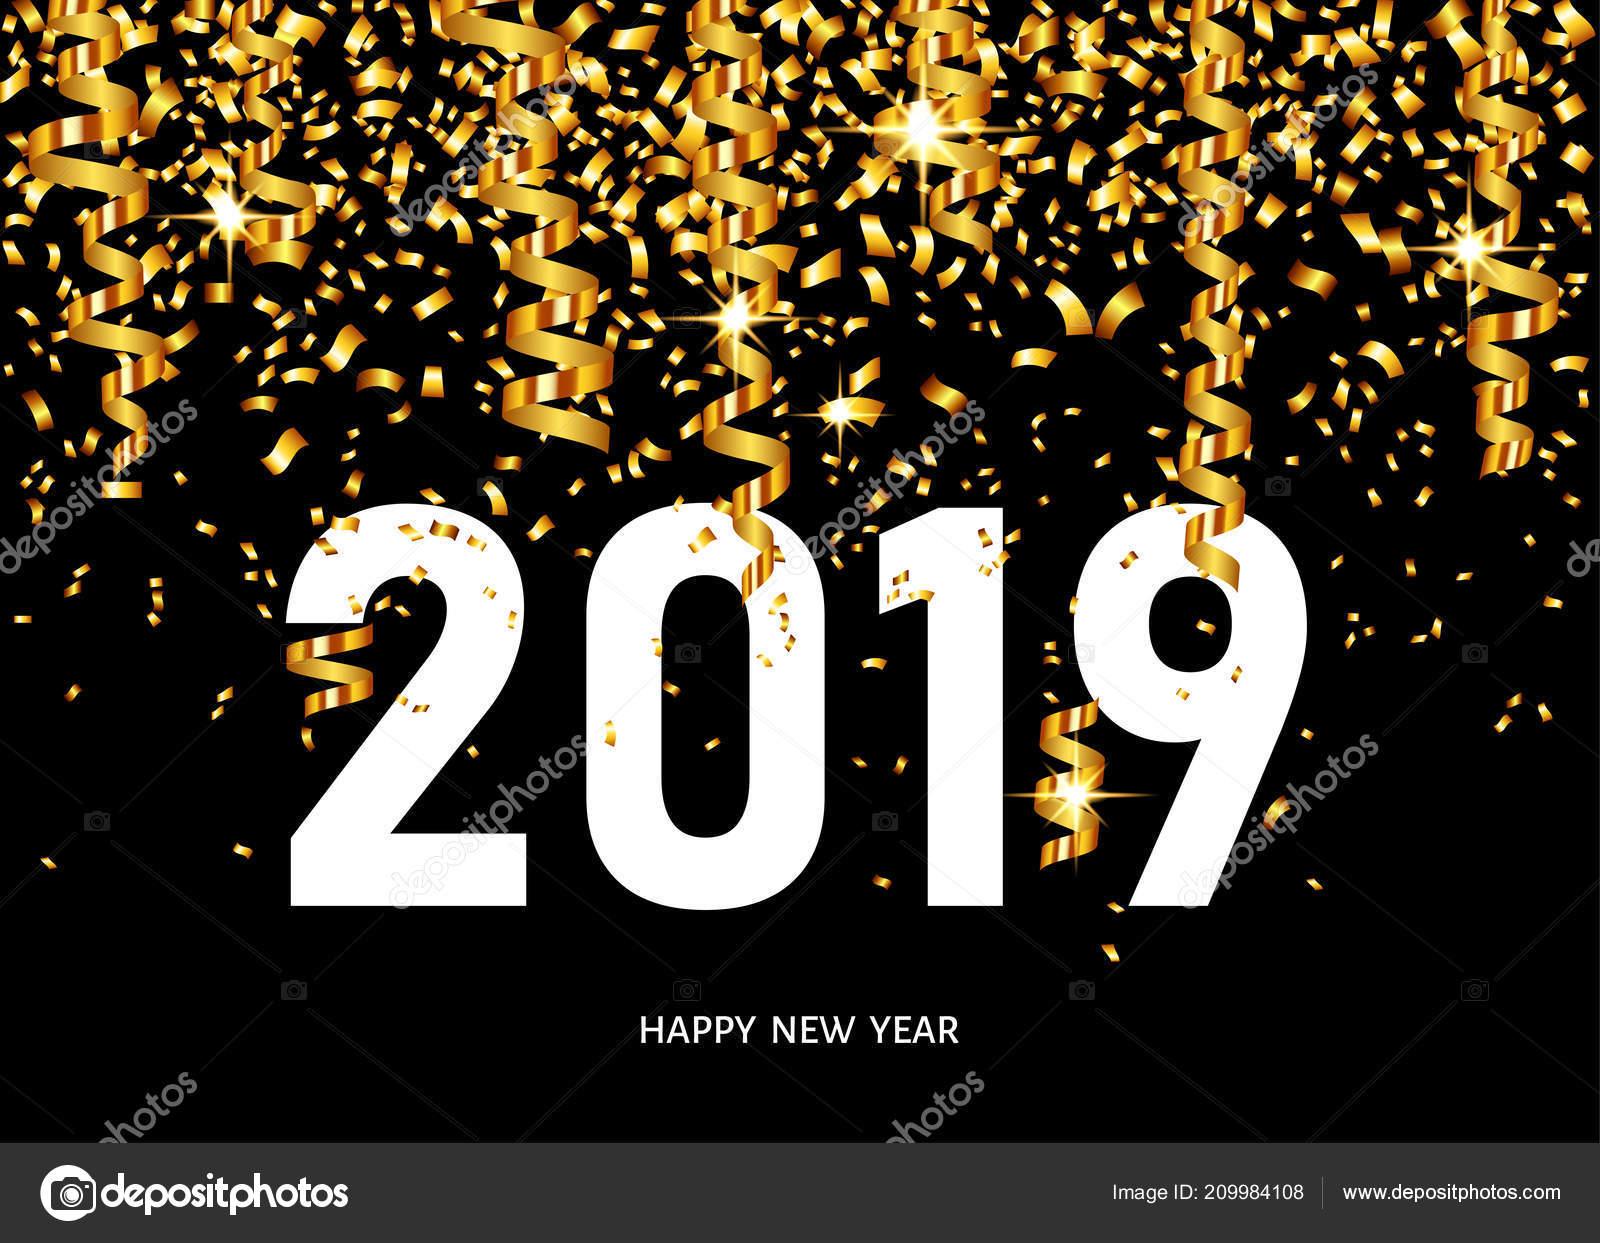 3cd3e495e Tarjeta de felicitación de feliz año nuevo 2019 en fondo negro con confeti dorado  y cintas. Plantilla de diseño del vector — Vector de ...